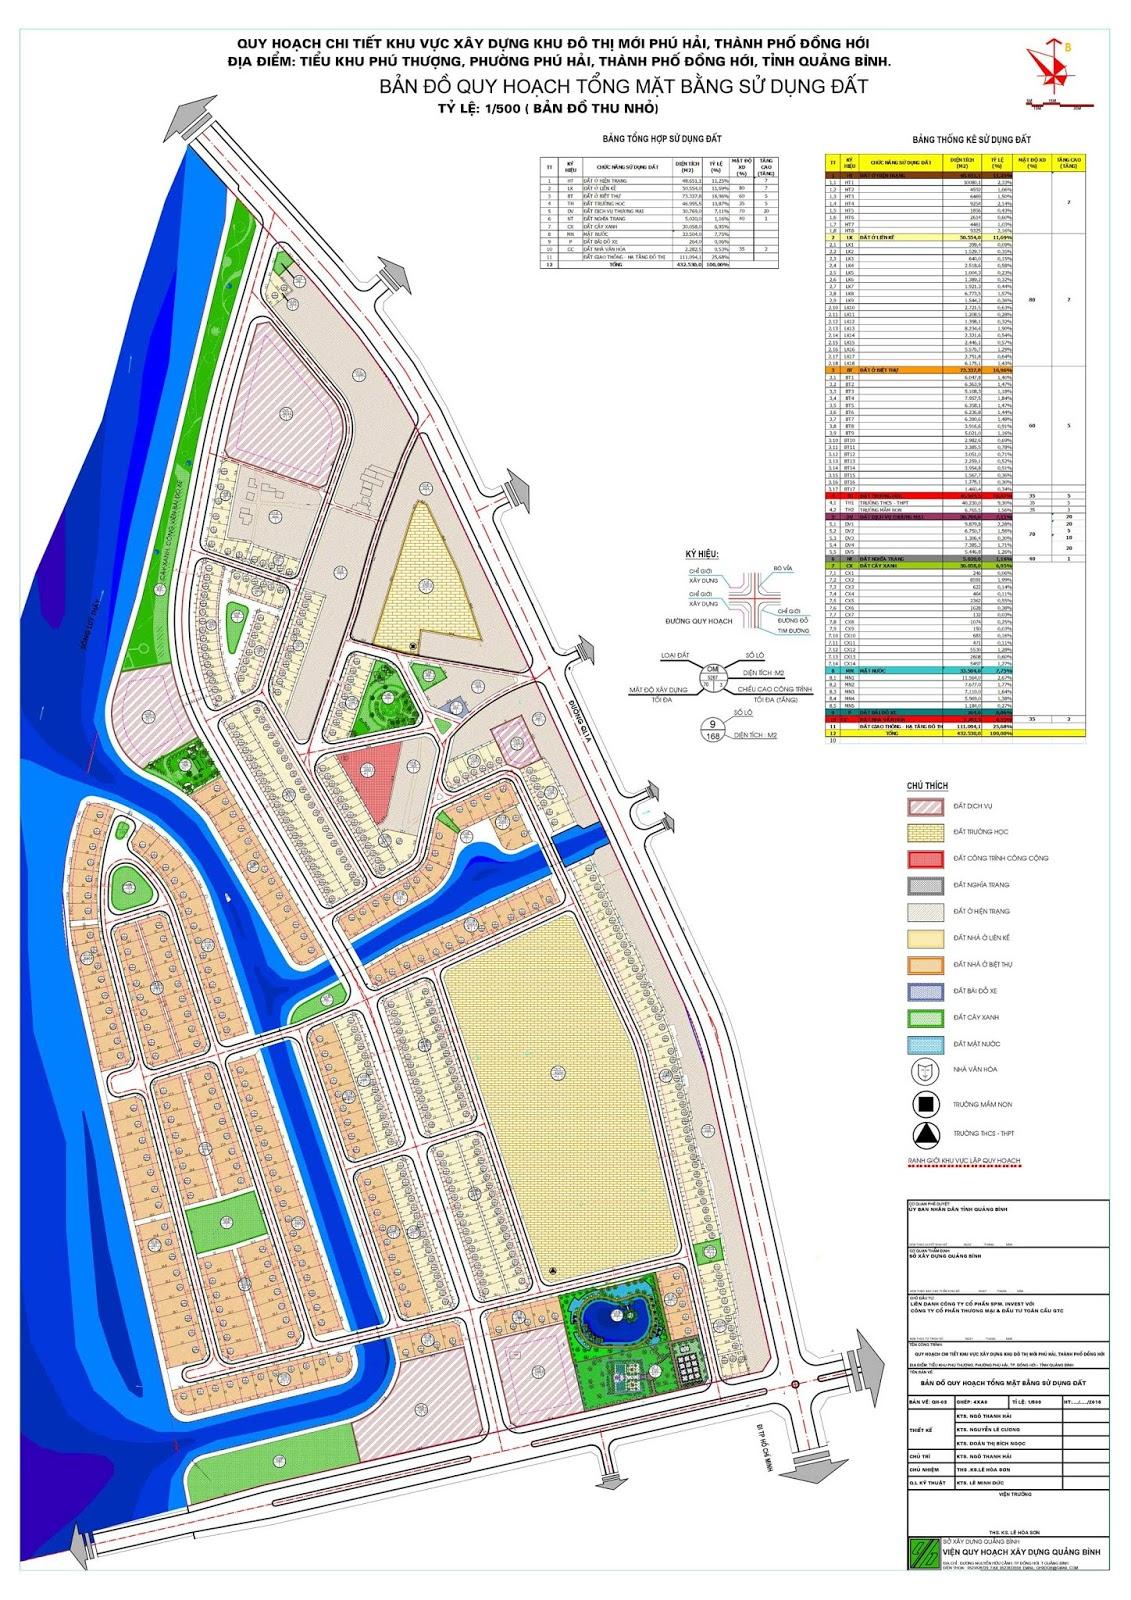 Mặt bằng phân khu, phân khu dự án Phú Hải RiverSide